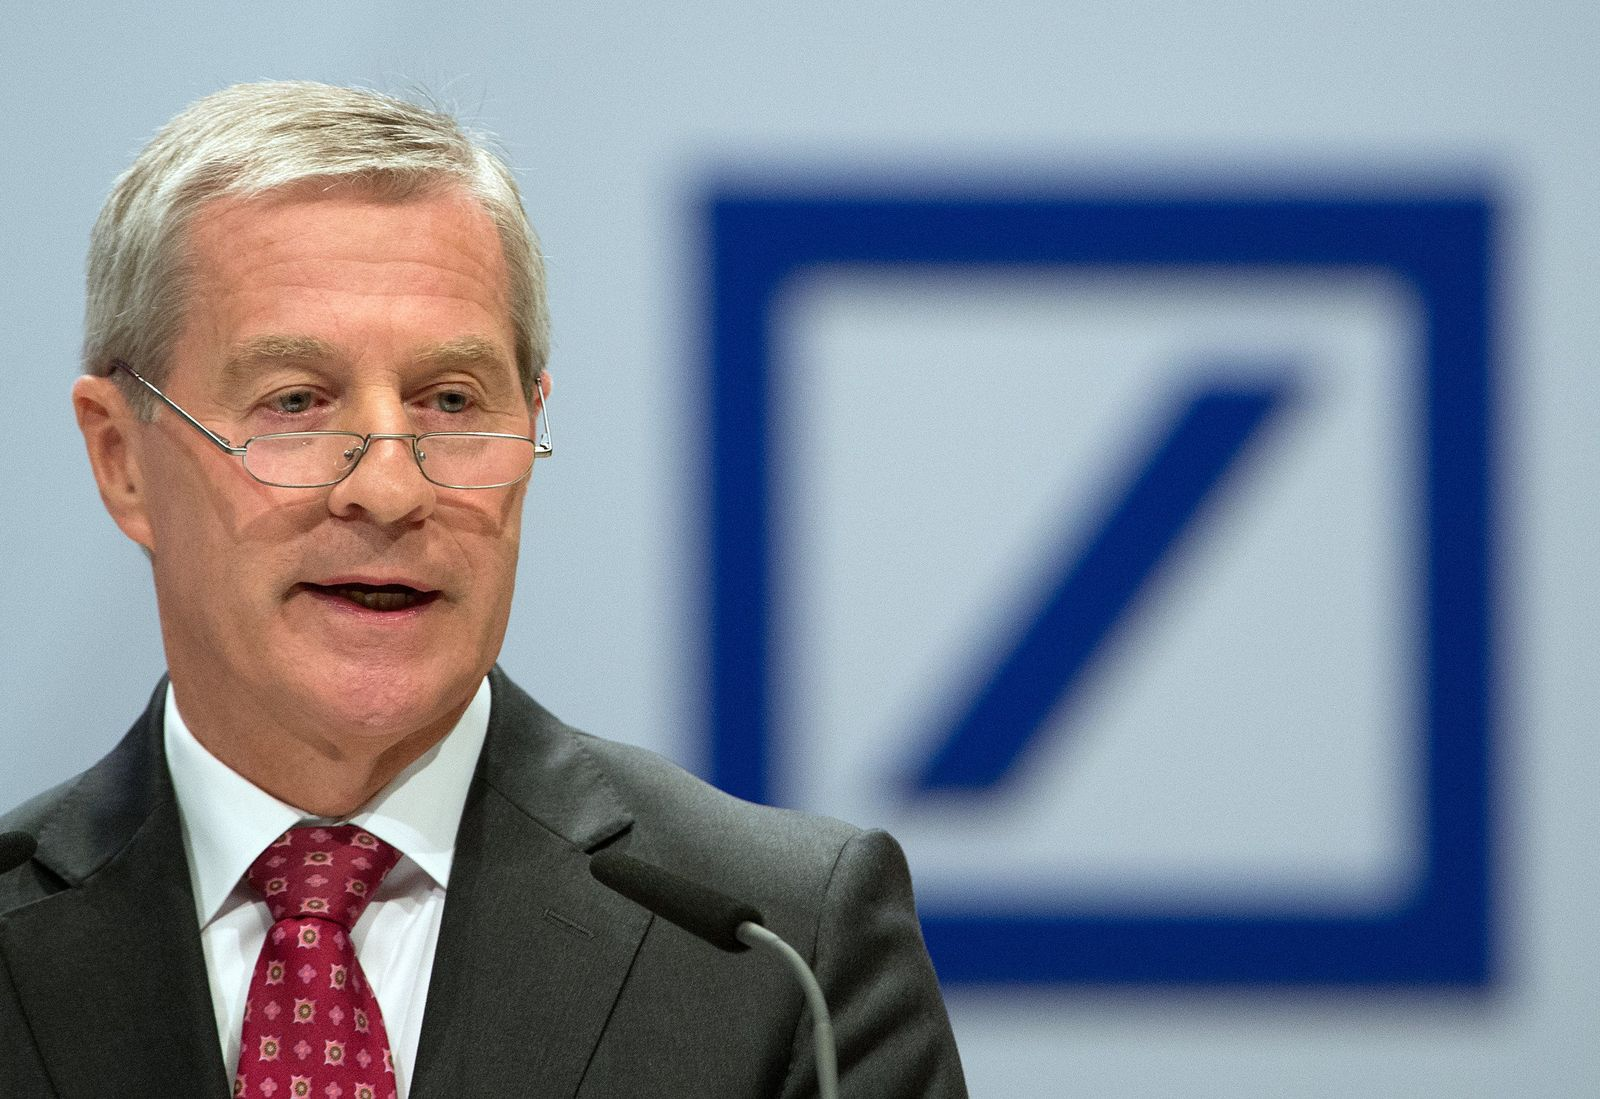 Jürgen Fitschen / Deutsche Bank HV